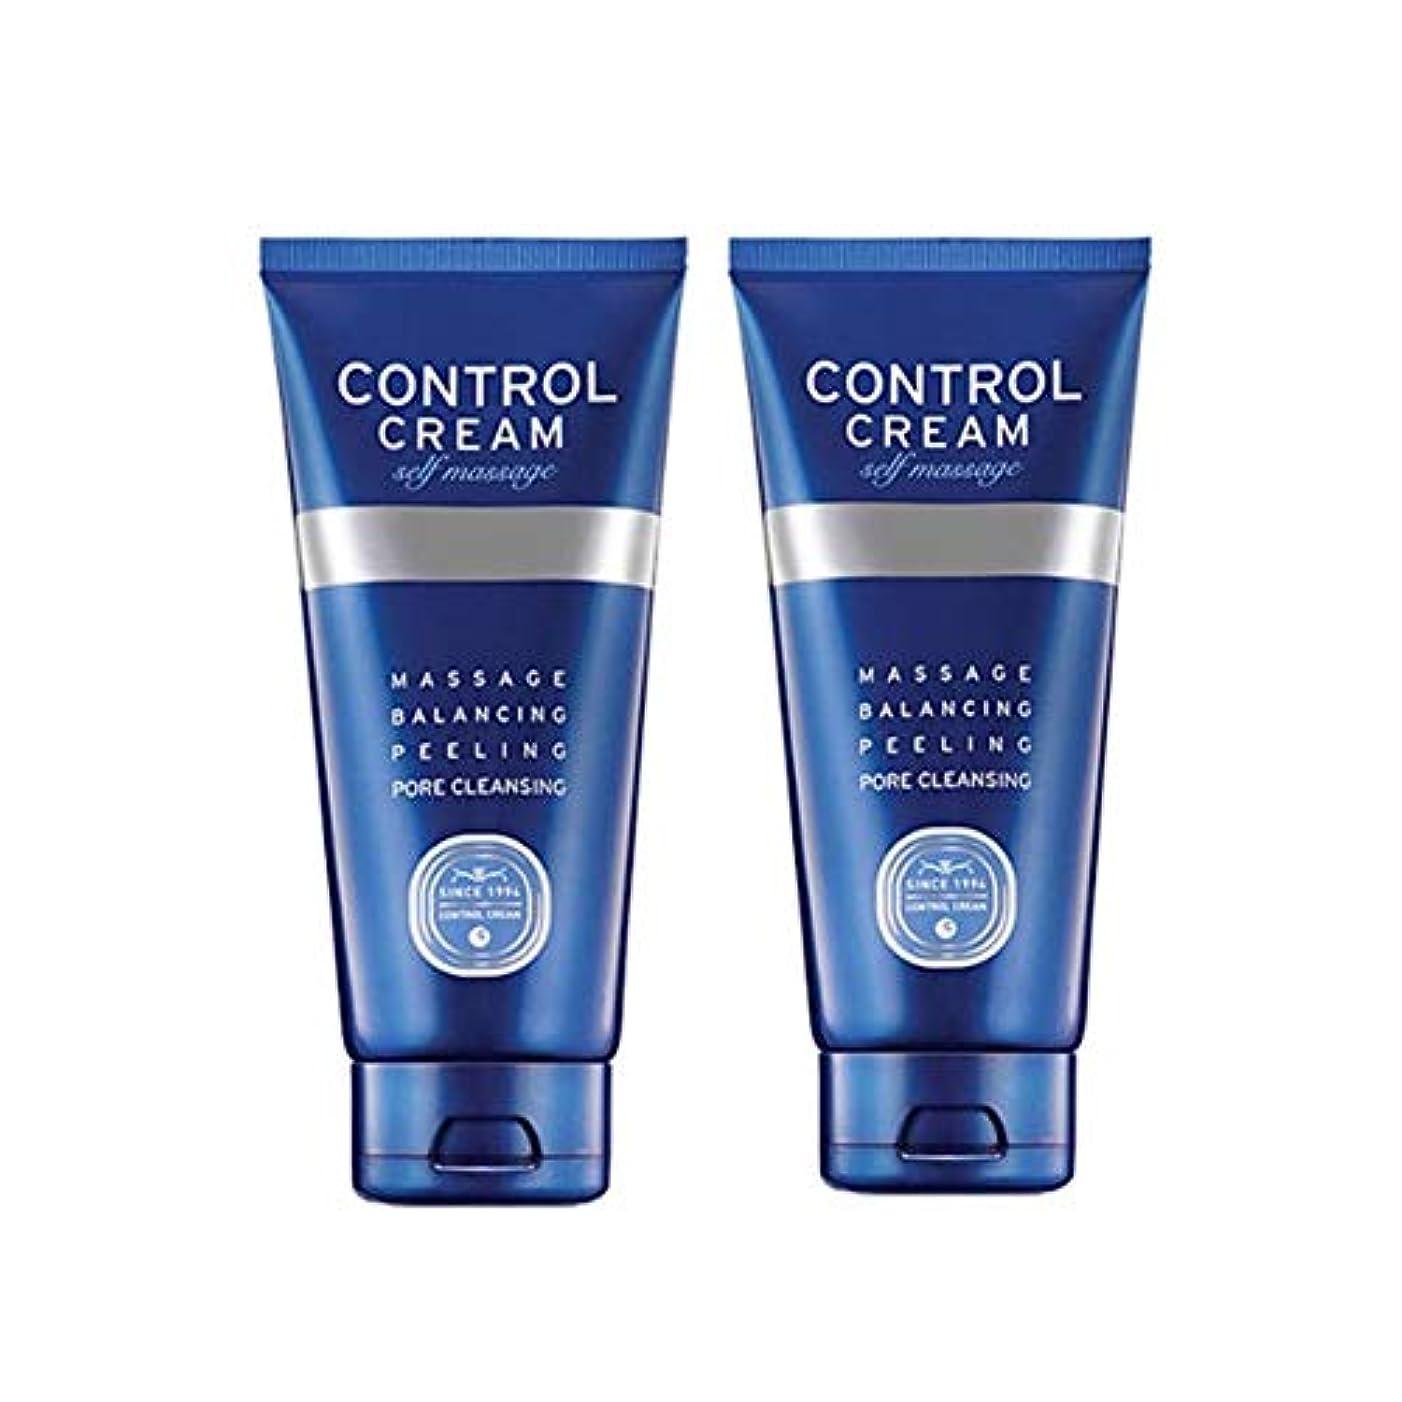 エクステントセントセージチャムジョンコントロールクリームセルフマッサージ150ml x 2本セット、Charmzone Control Cream Self Massage 150ml x 2ea Set [並行輸入品]